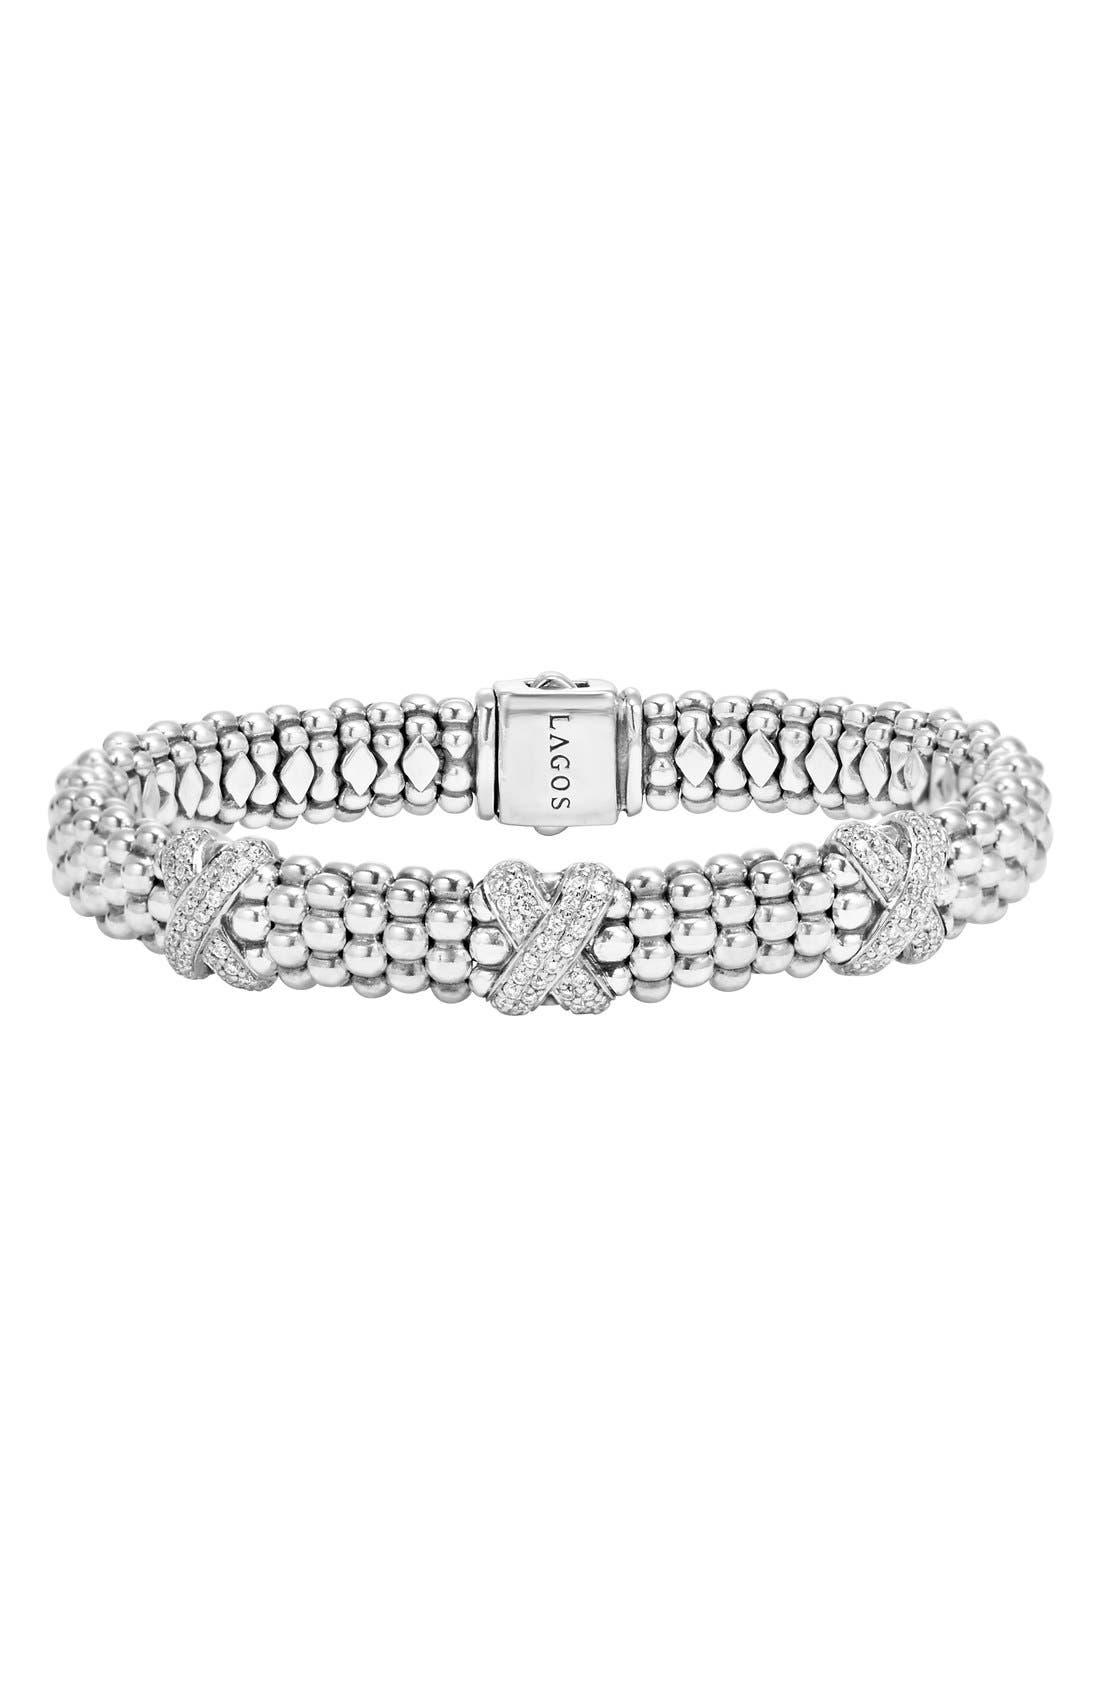 Main Image - LAGOS 'X' Diamond Caviar Rope Bracelet